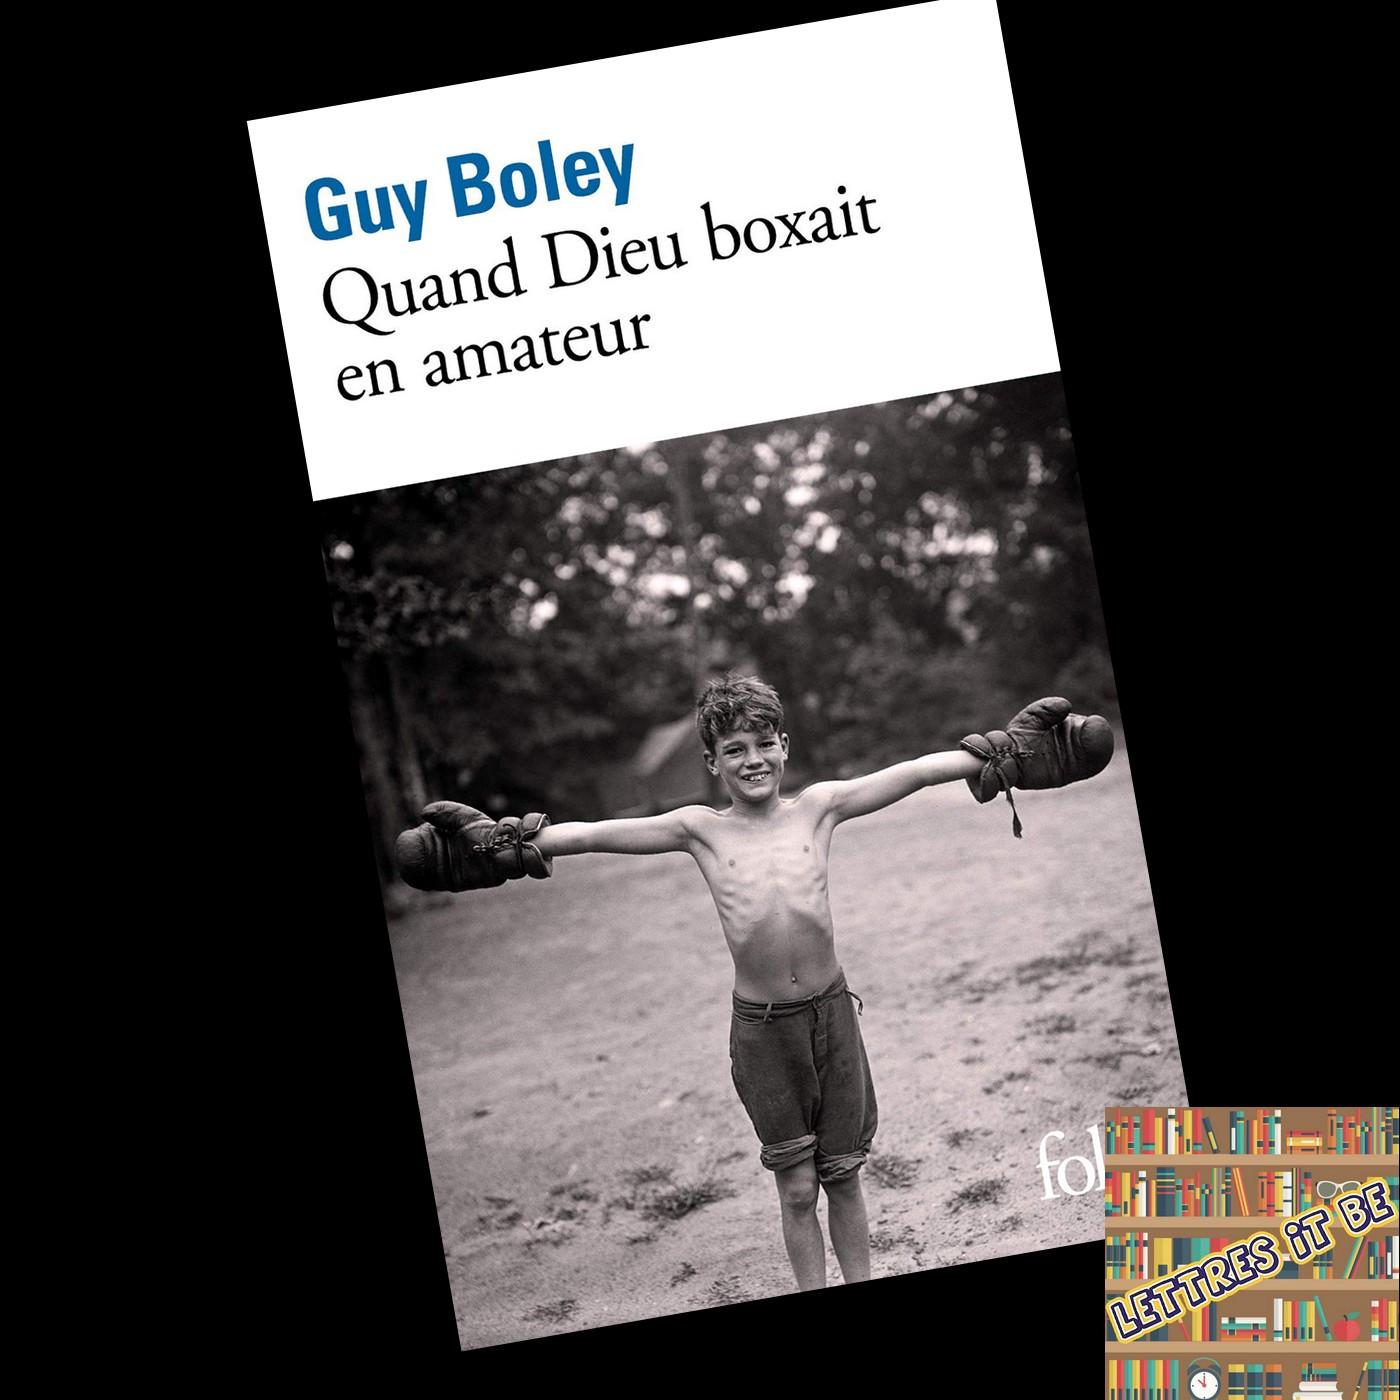 Critique de Quand Dieu boxait en amateur de Guy Boley (Livre)